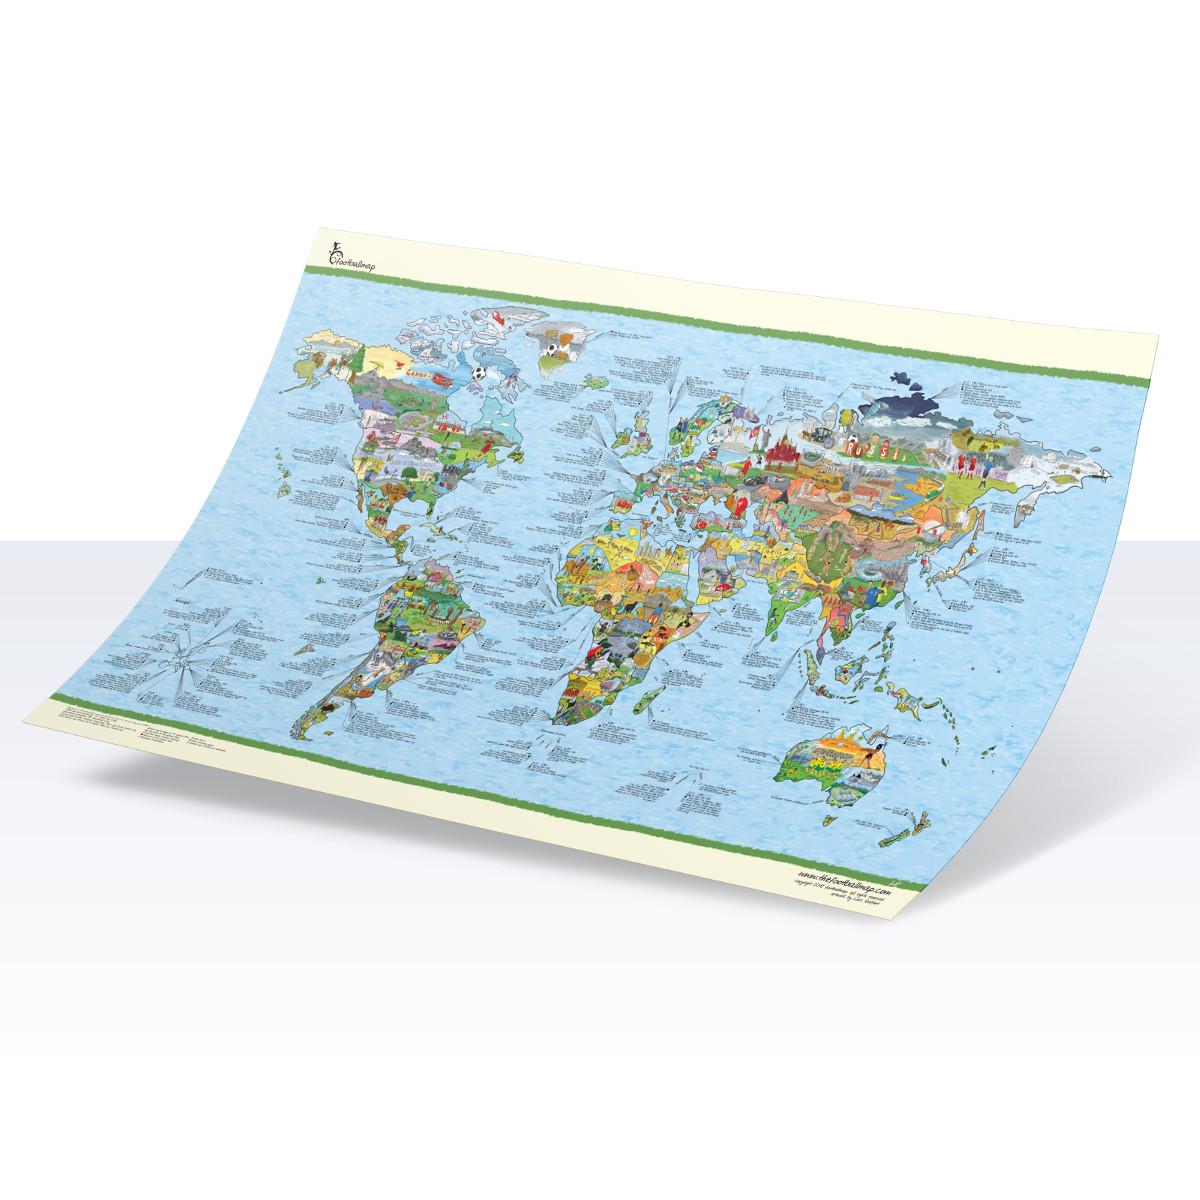 Fußball-Weltkarte mit Comics und Daten